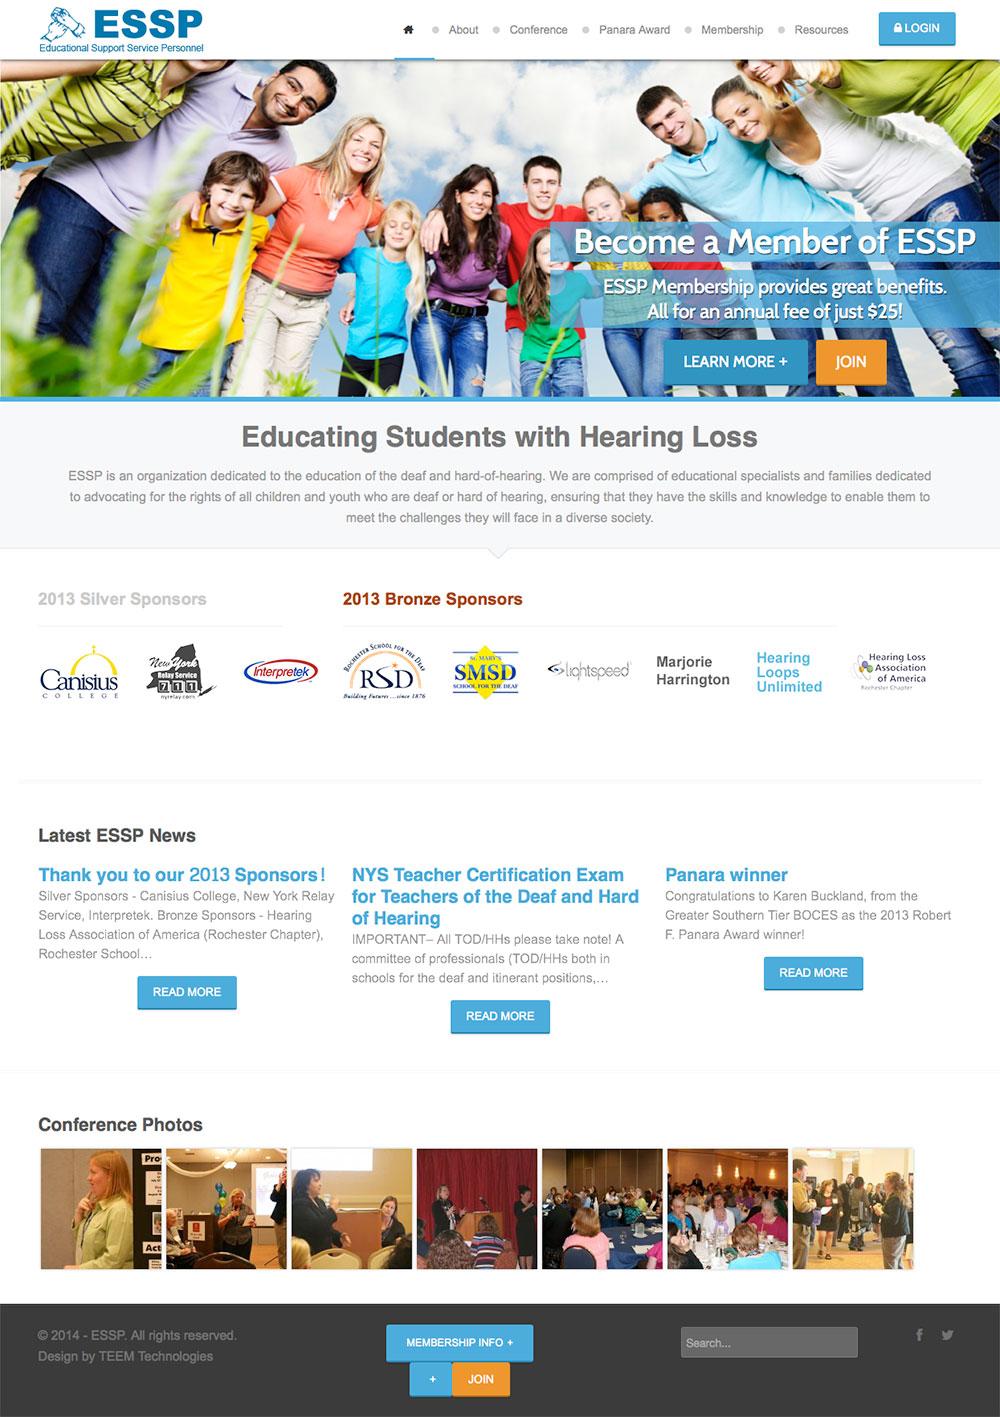 essp-website-home